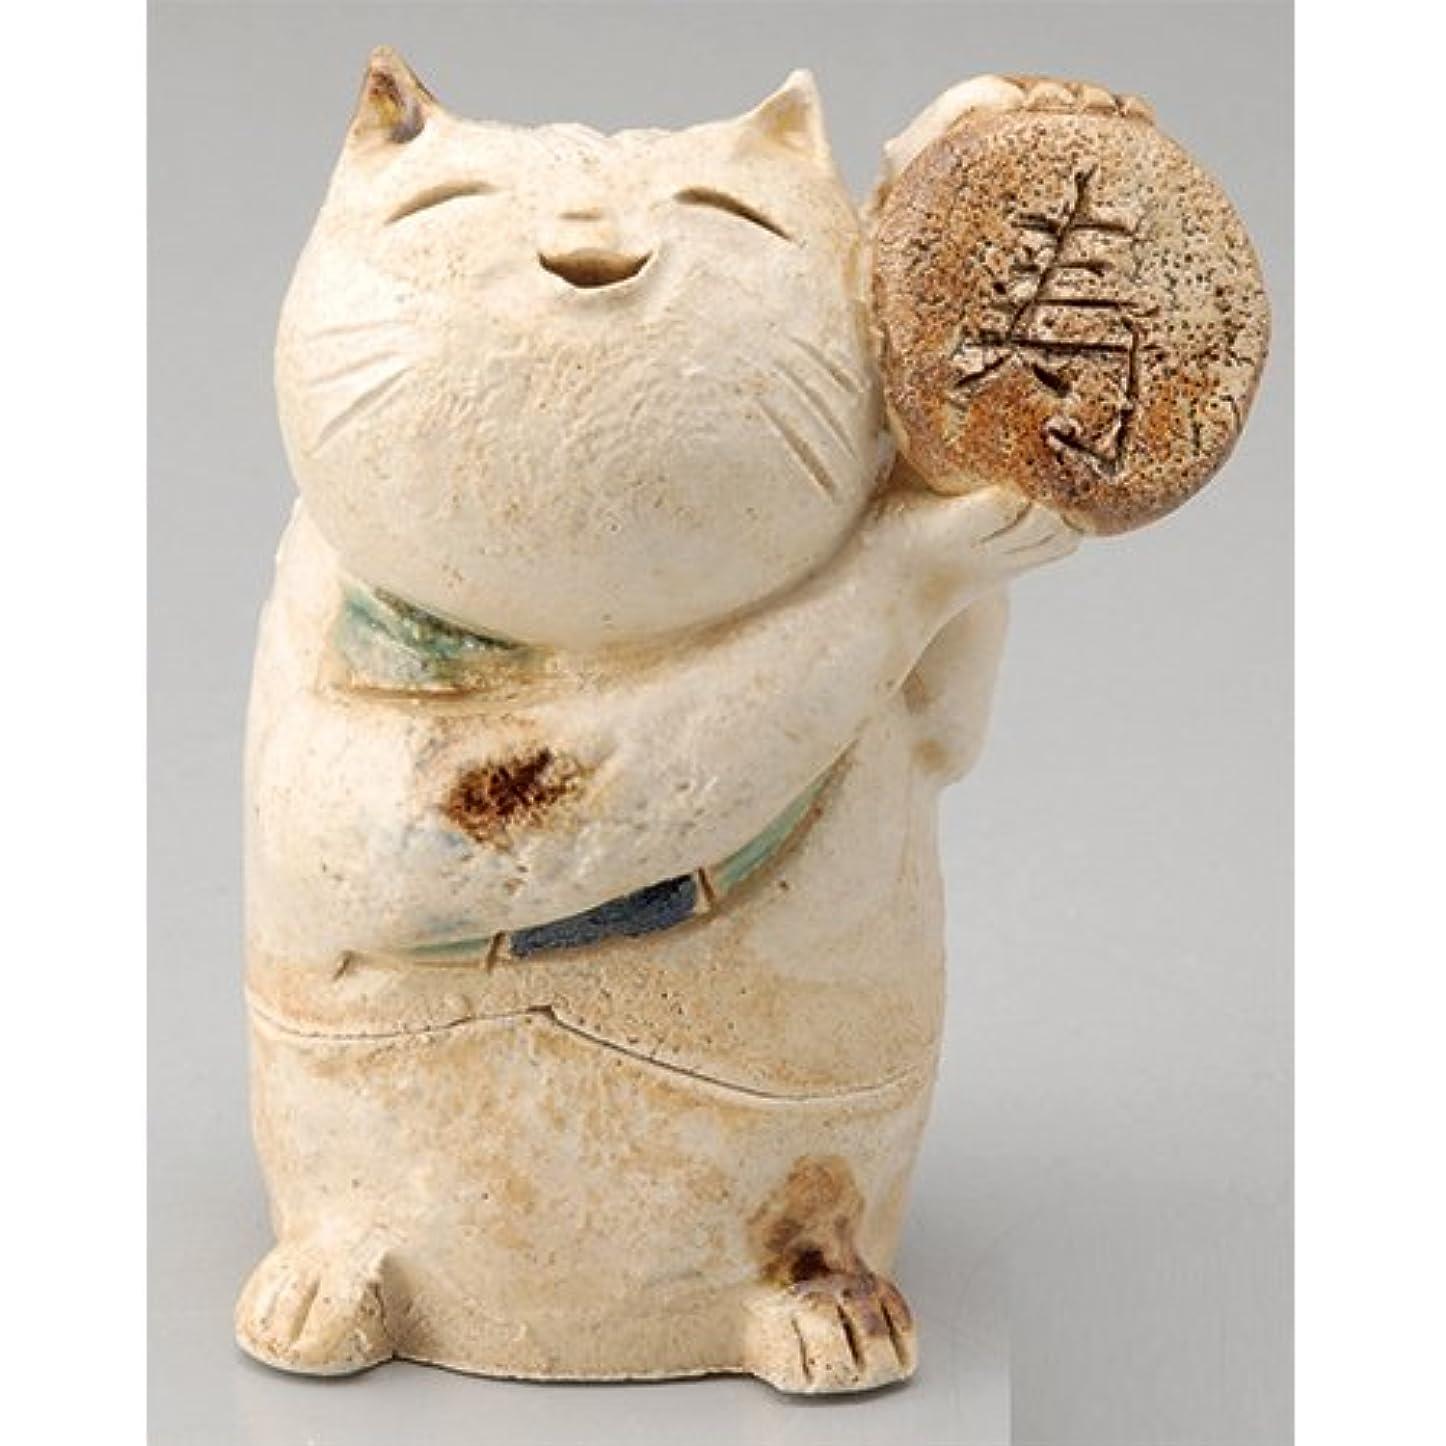 準拠港占める香炉 ごえん猫 香炉(寿) [H8cm] HANDMADE プレゼント ギフト 和食器 かわいい インテリア